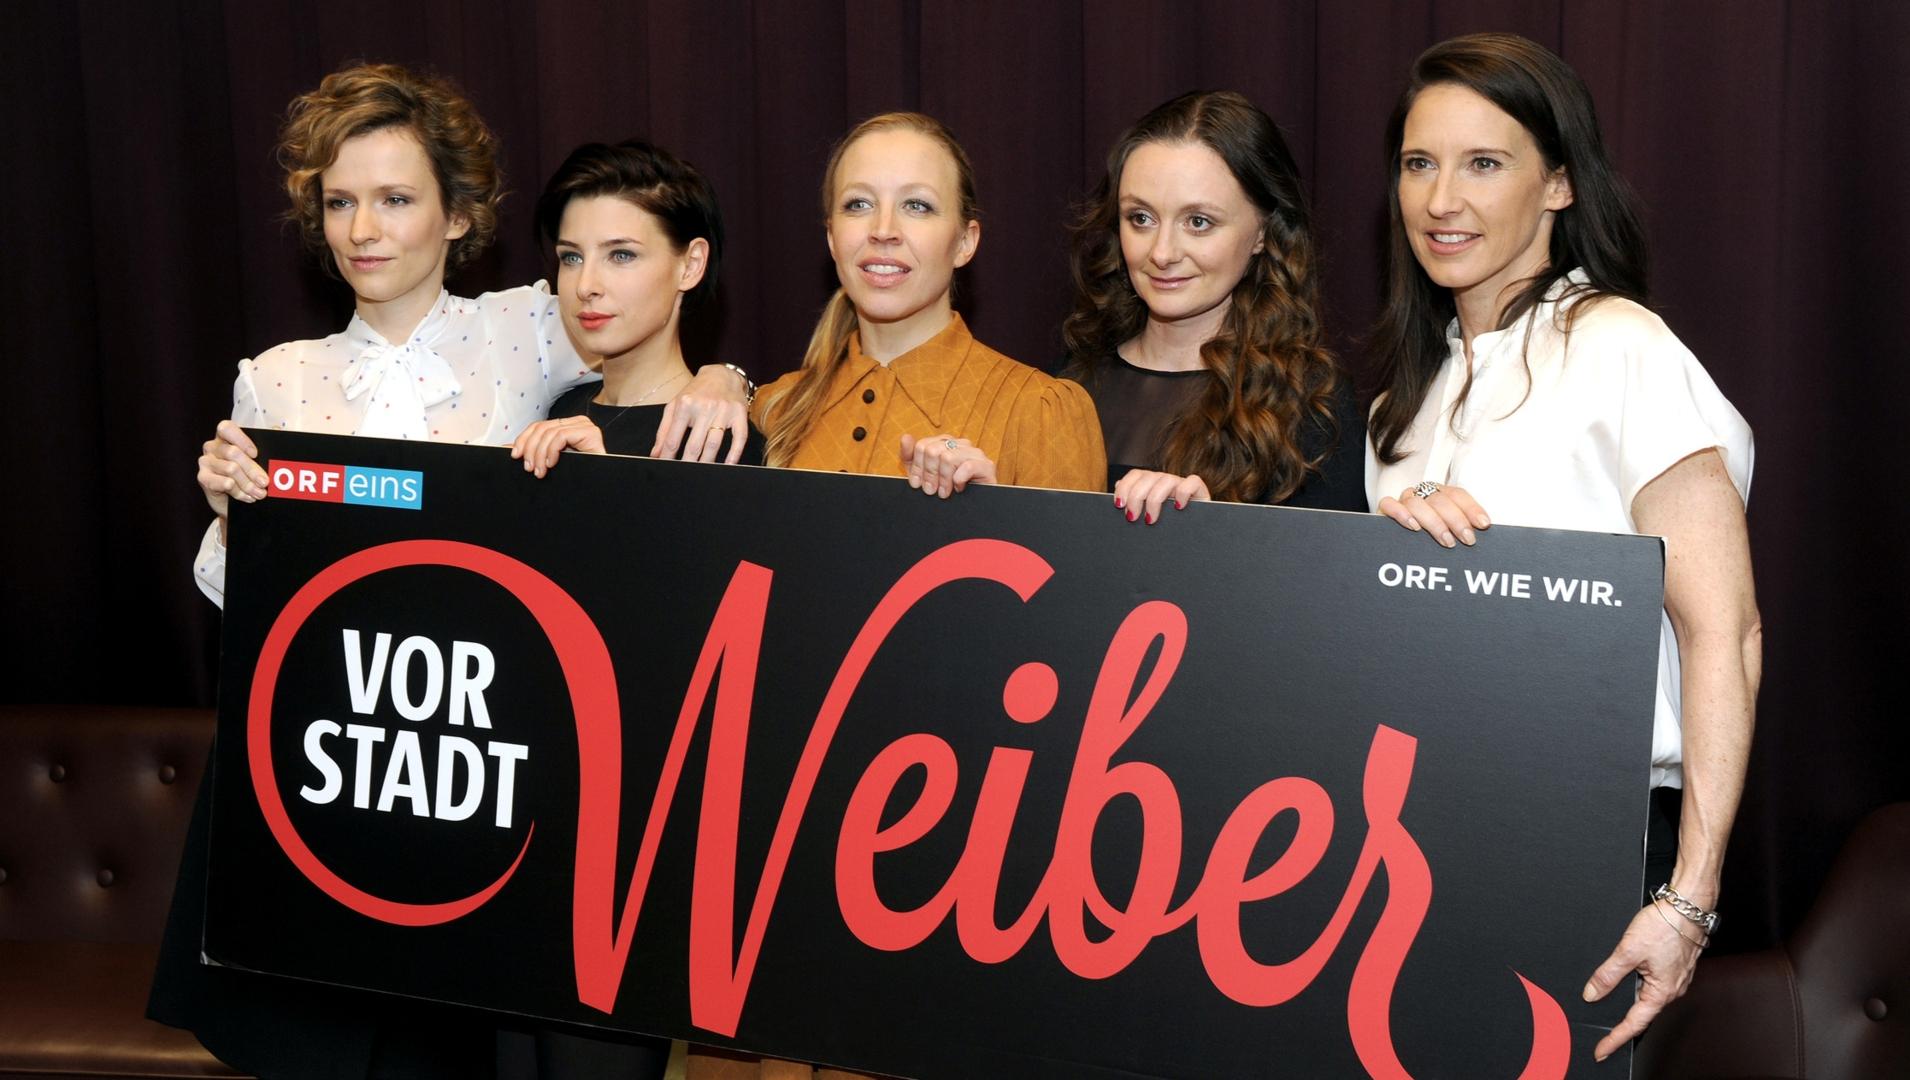 Drehstart Fur Die 3 Staffel Der Vorstadtweiber Krone At